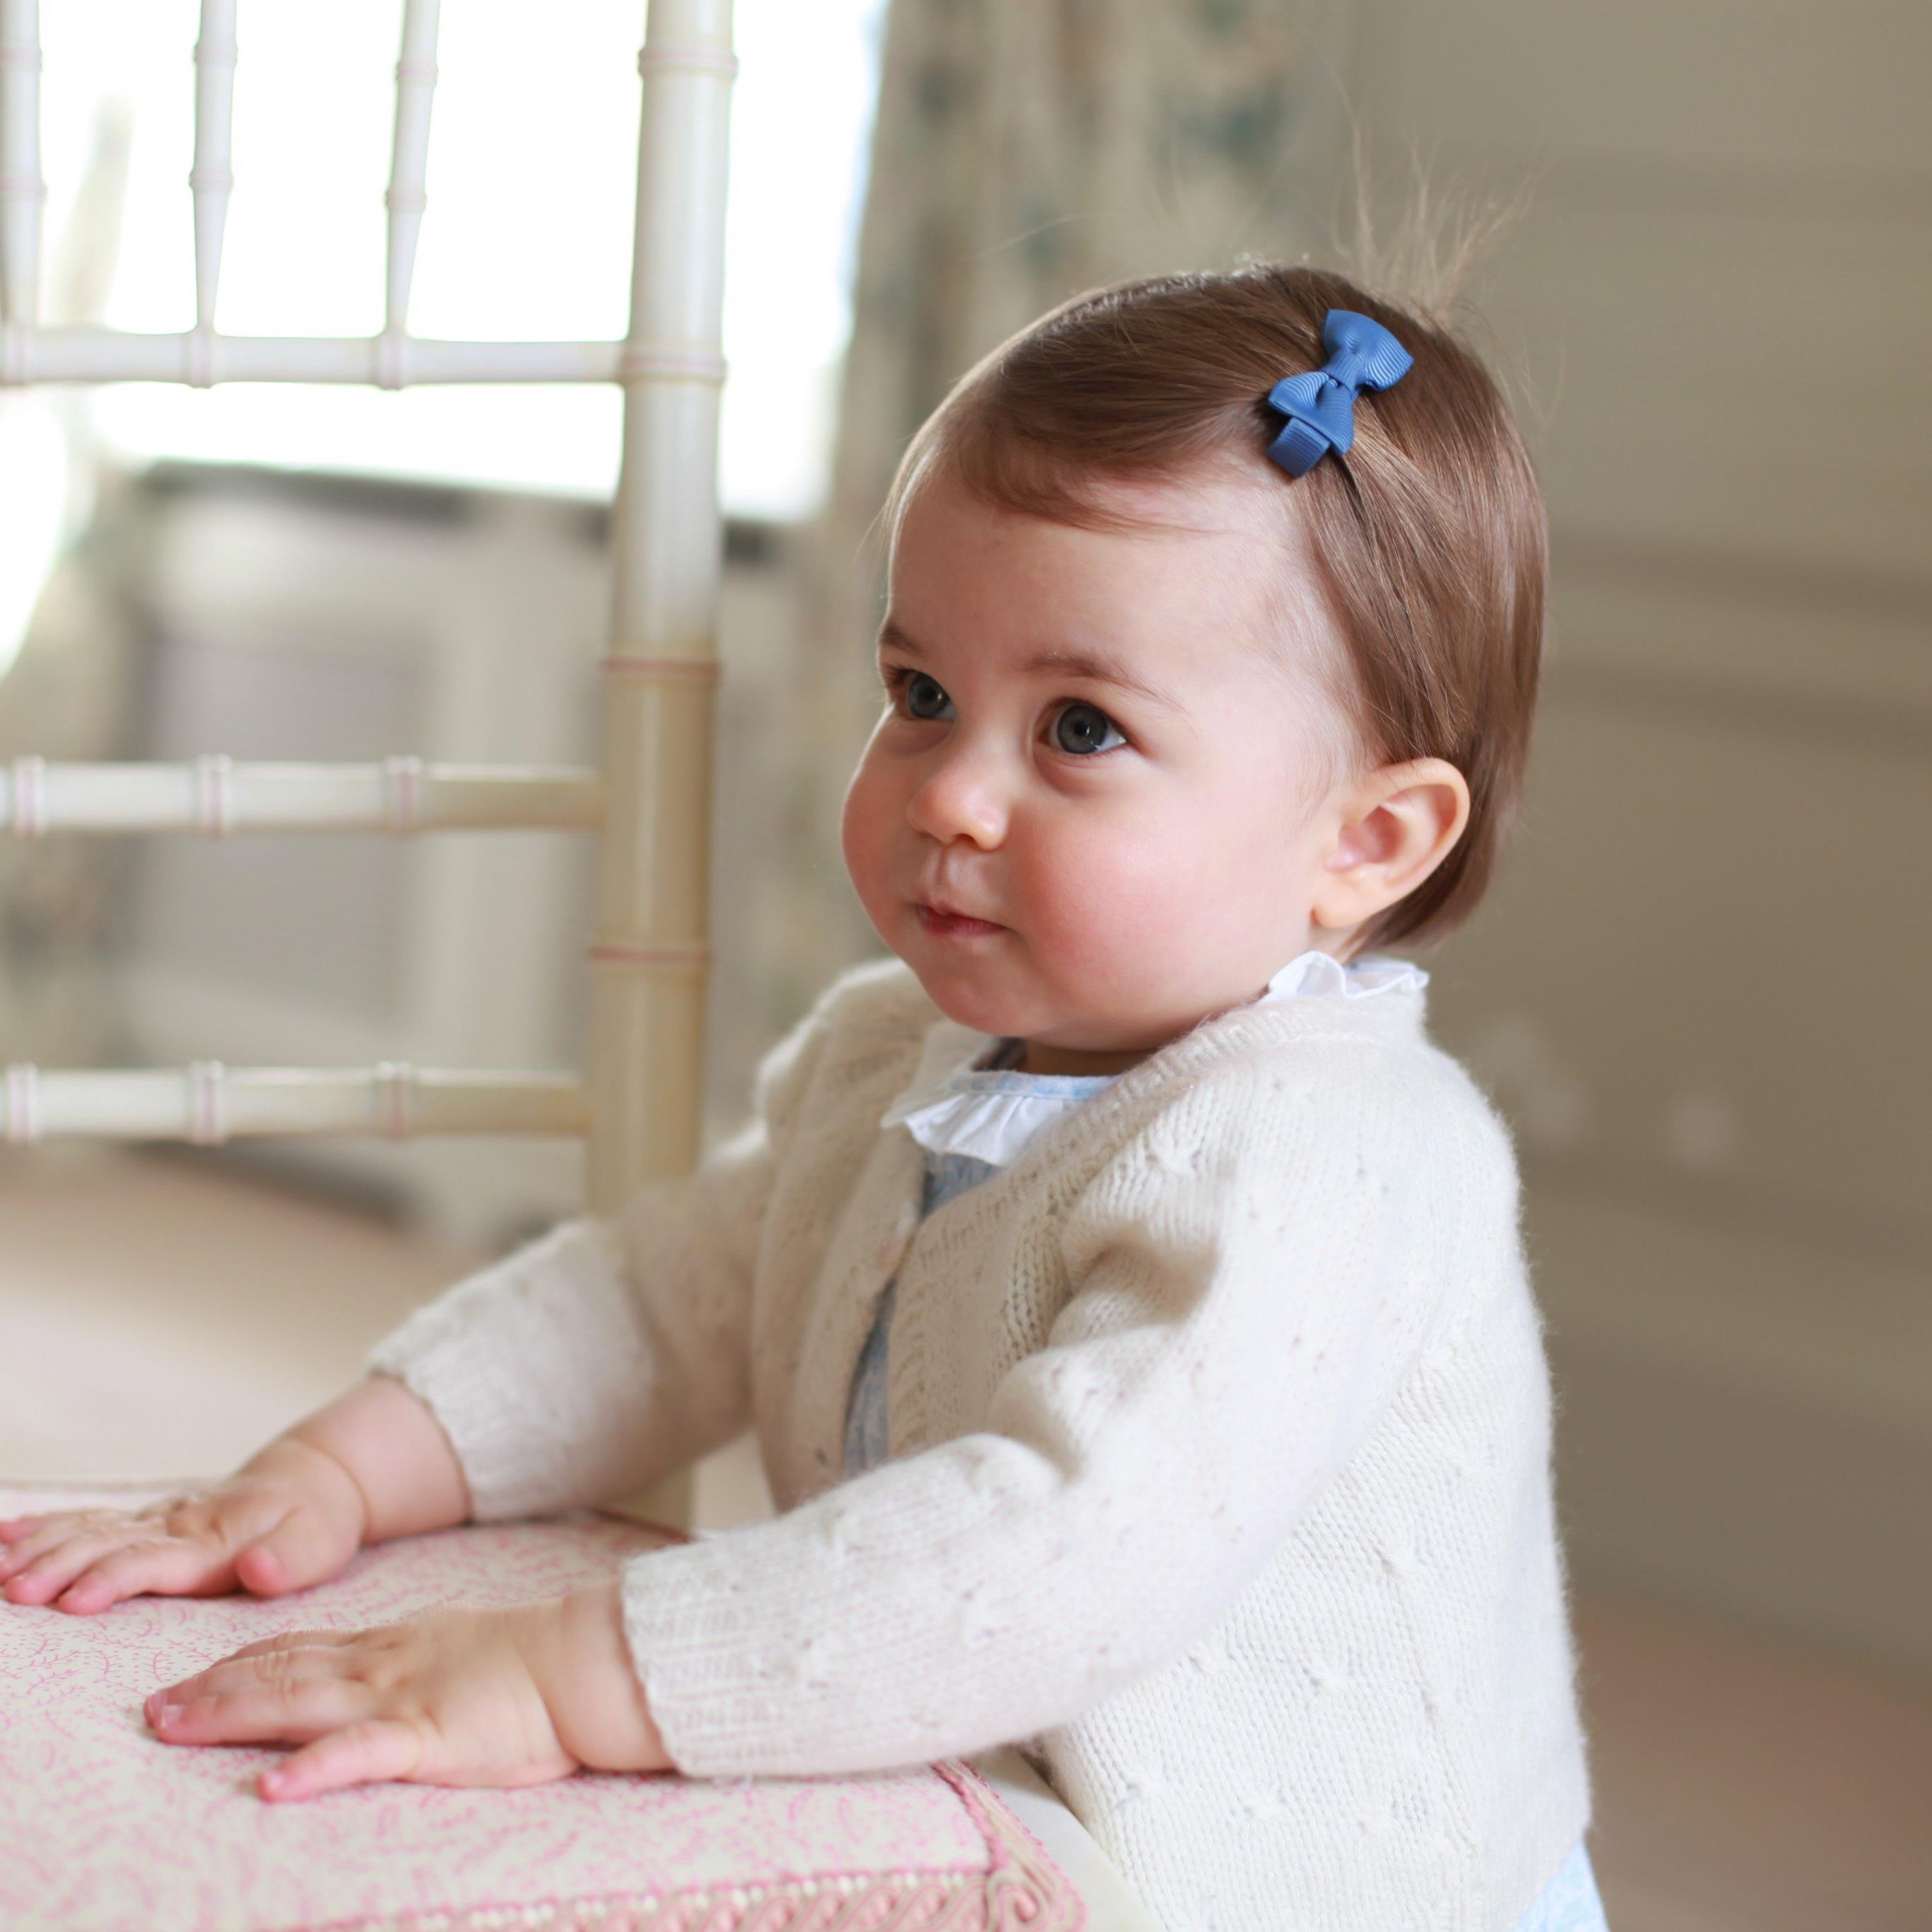 Charlottes Mutter, Herzogin Kate, nahm die Bilder selbst auf.